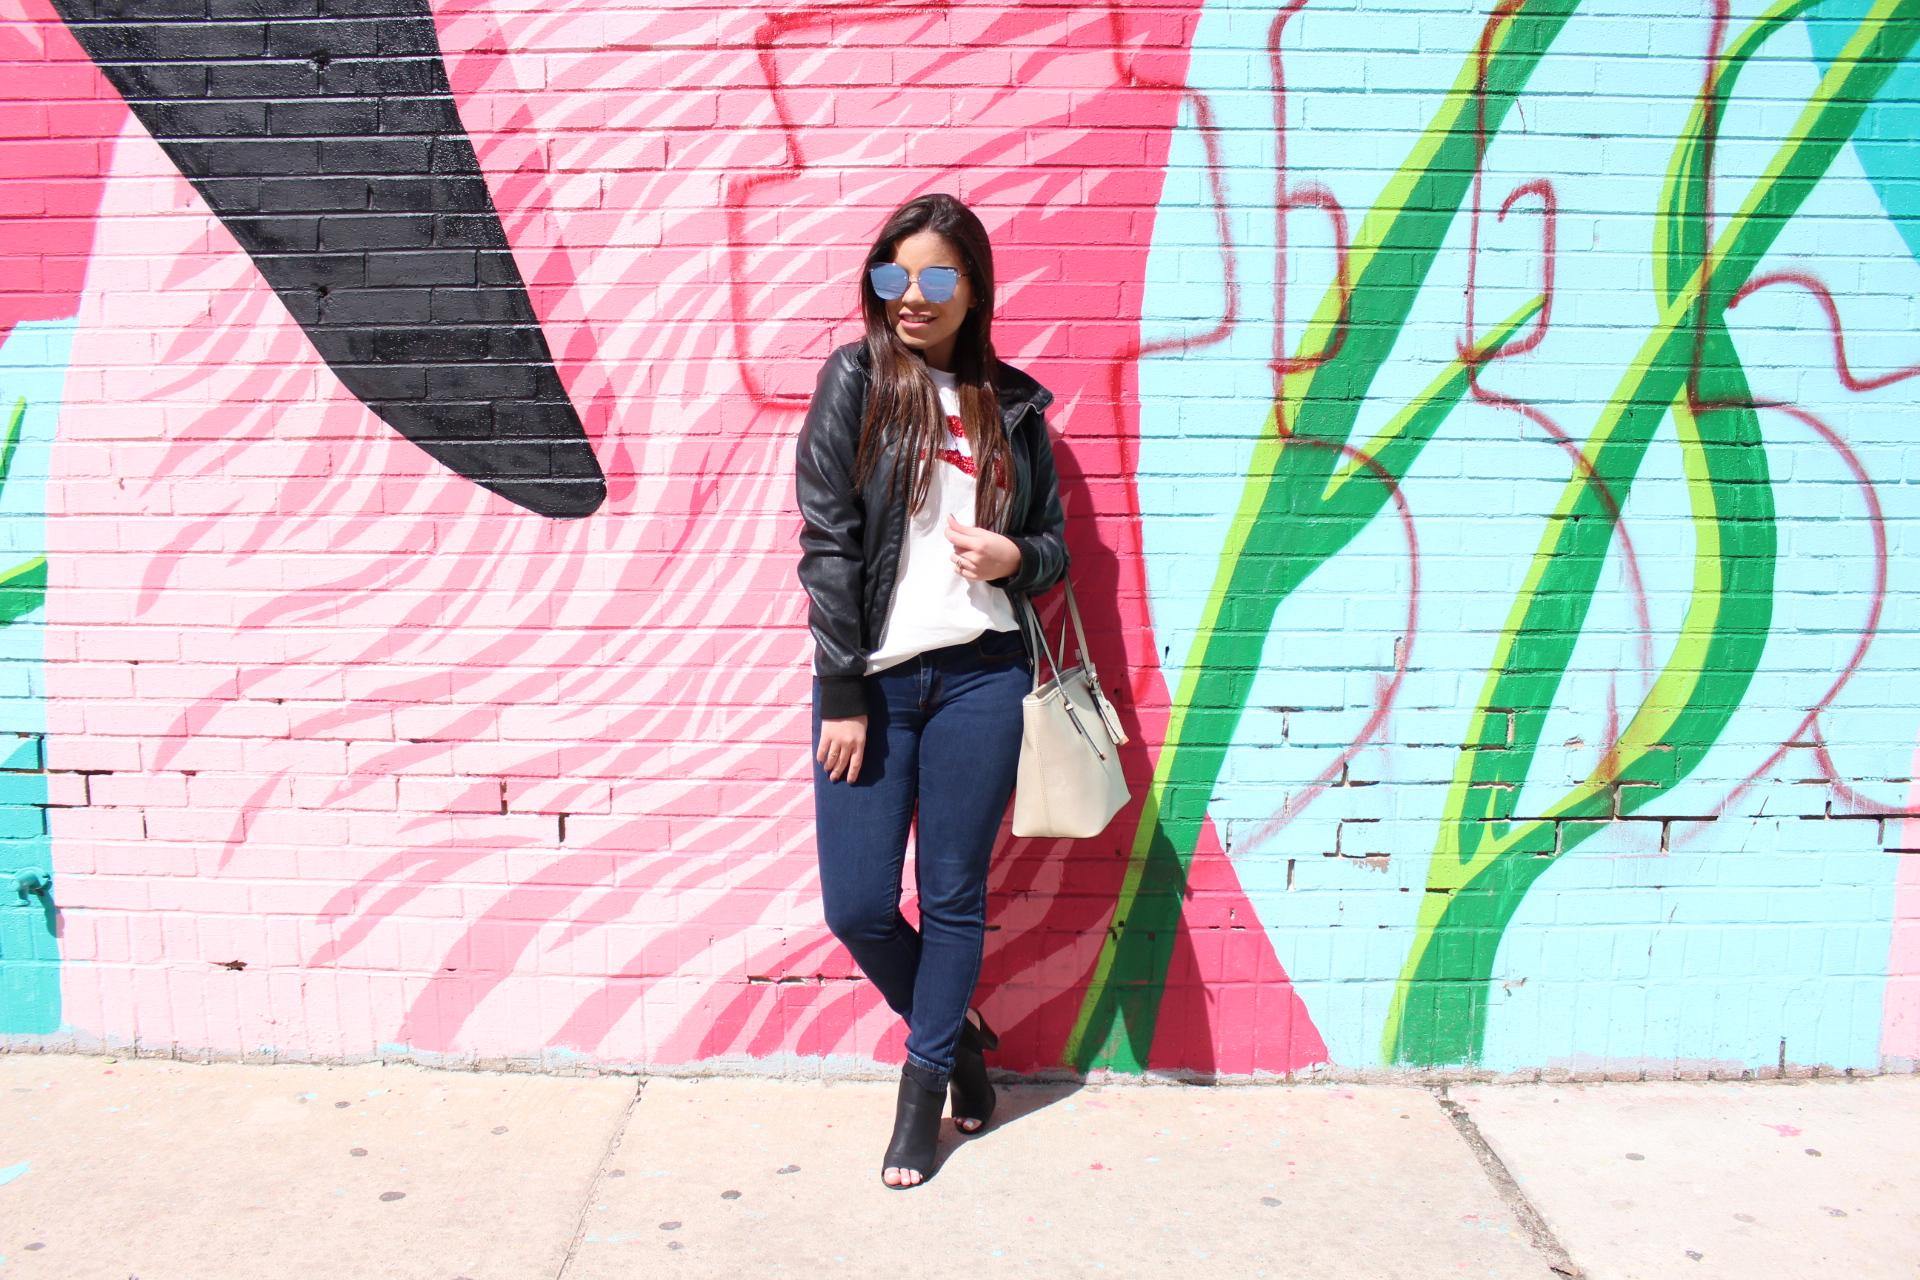 shein outfit by alejandra avila